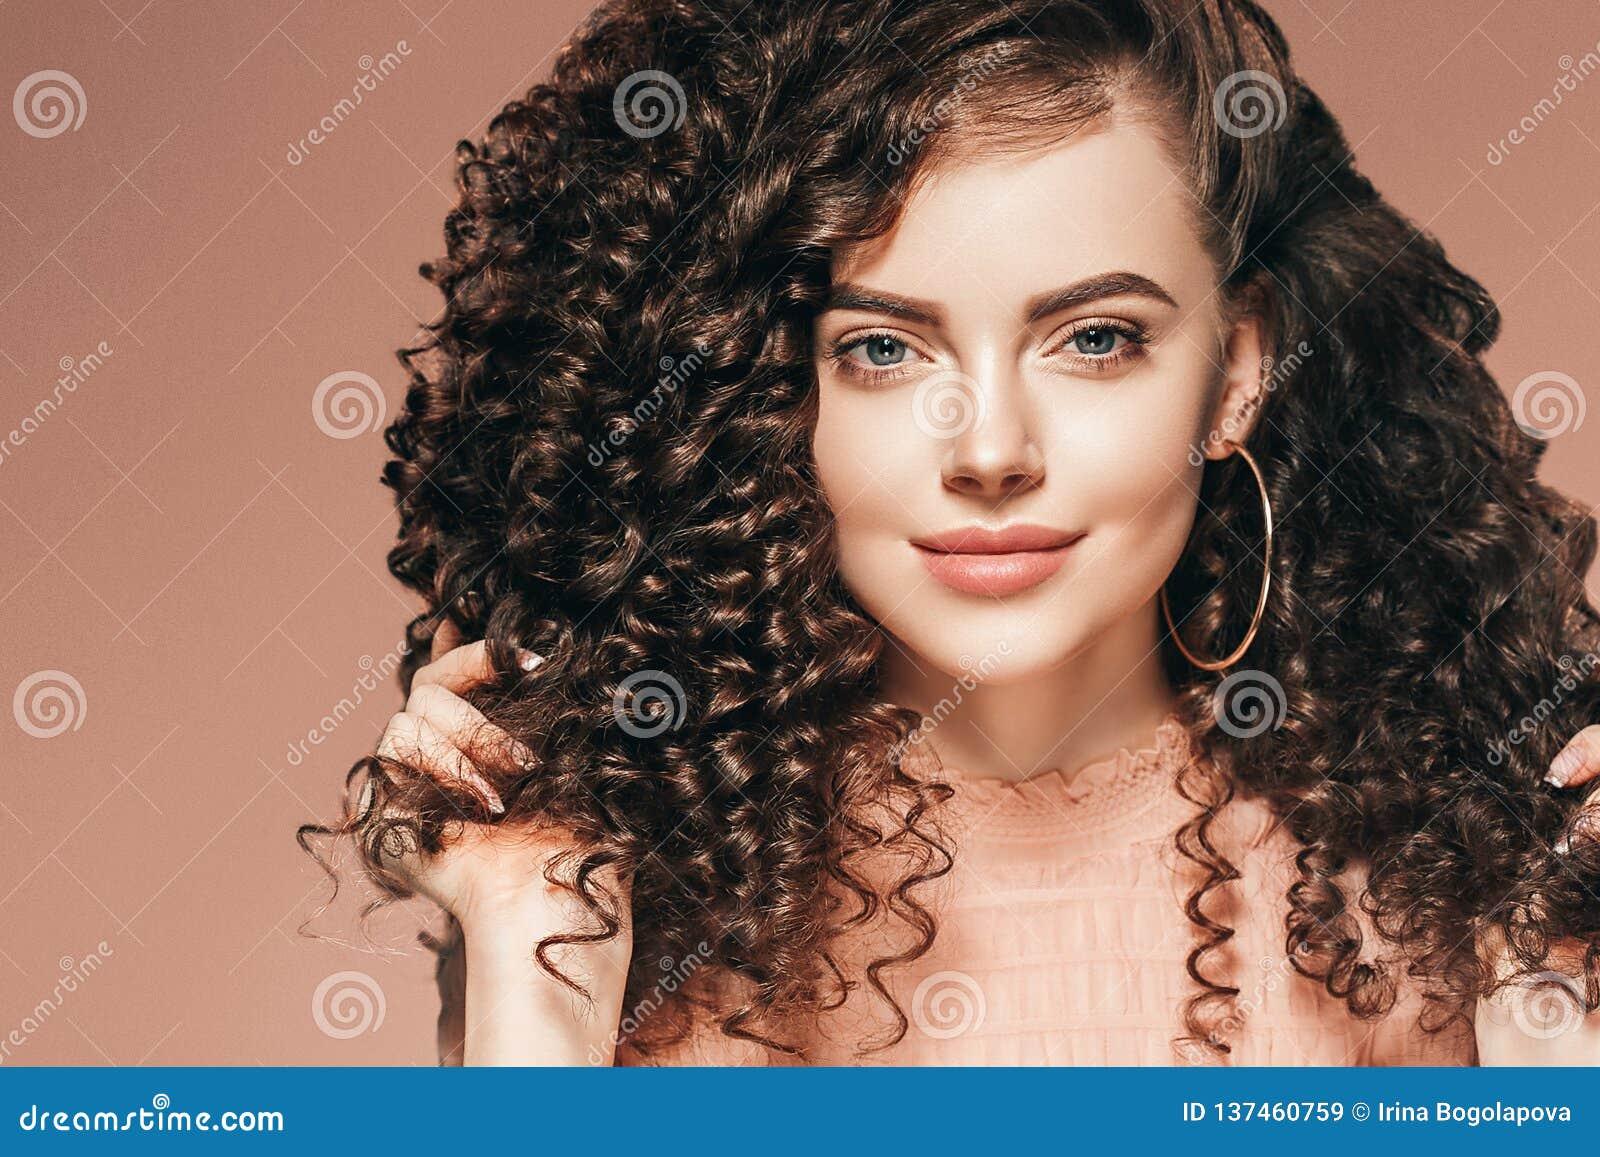 Dame de coiffure de femme de cheveux bouclés avec de longs cheveux de brune